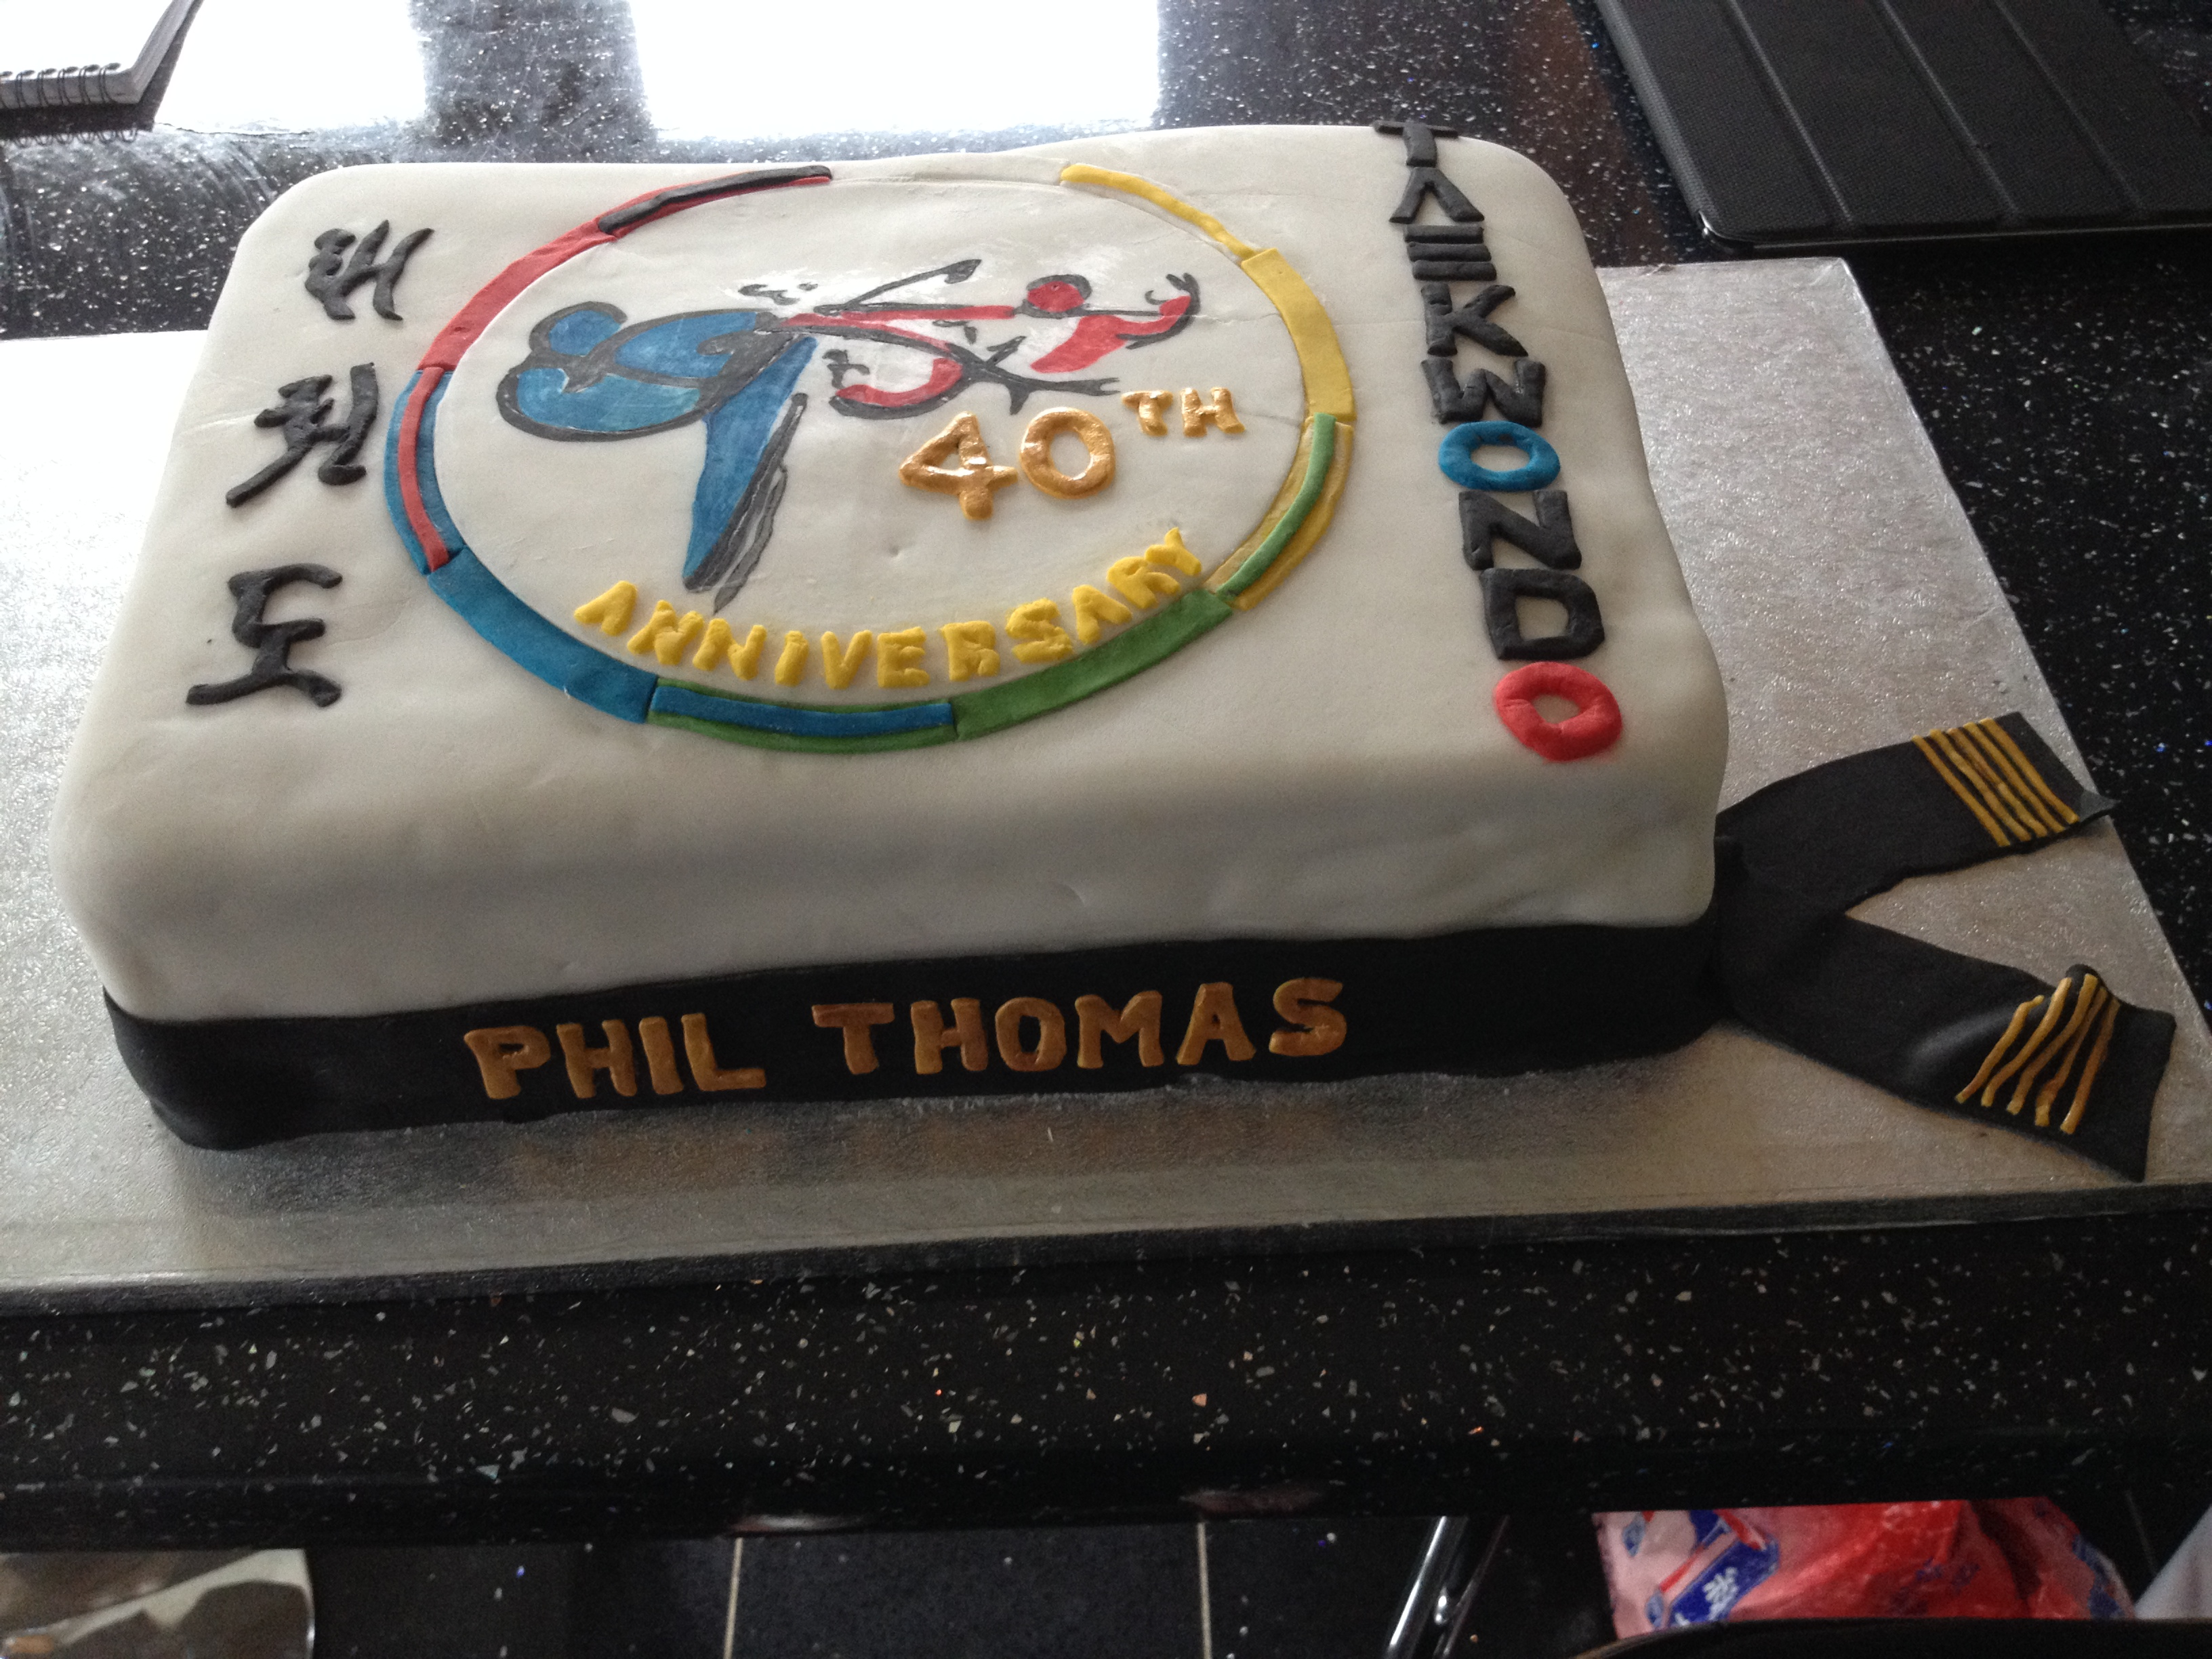 Phil Thomas 40th Anniversay cake